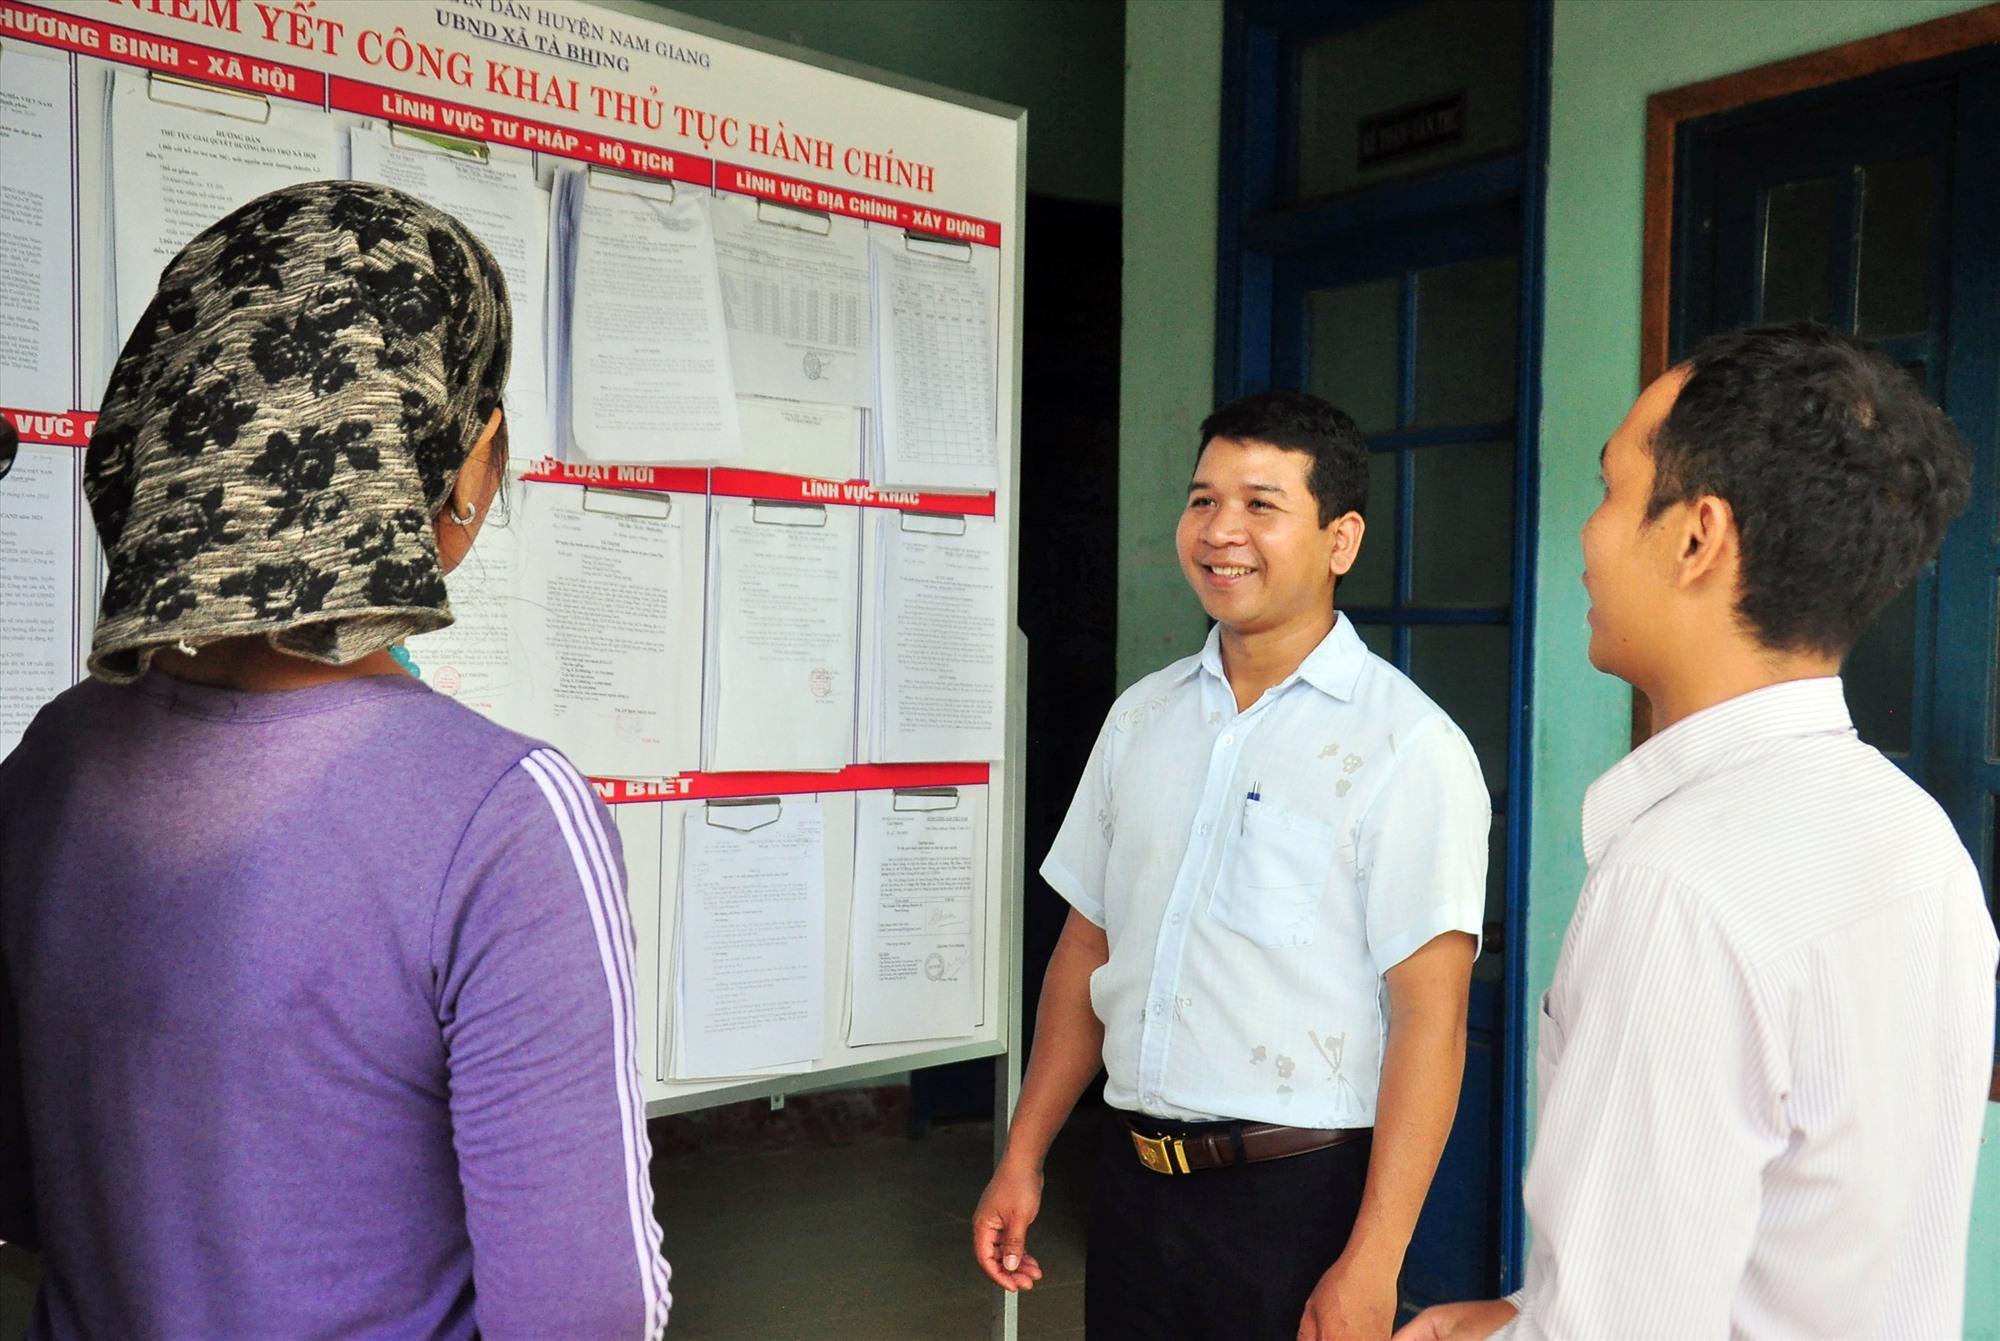 Tăng cường đội ngũ cán bộ trẻ cho cơ sở đã giúp nhiều địa phương ở Nam Giang thực hiện tốt các nhiệm vụ chính trị. TRONG ẢNH: Anh Bhơ Nướch Tí, cán bộ Văn phòng - Thống kê xã Tà Bhing (giữa) hướng dẫn người dân về thủ tục hành chính. Ảnh: VINH ANH